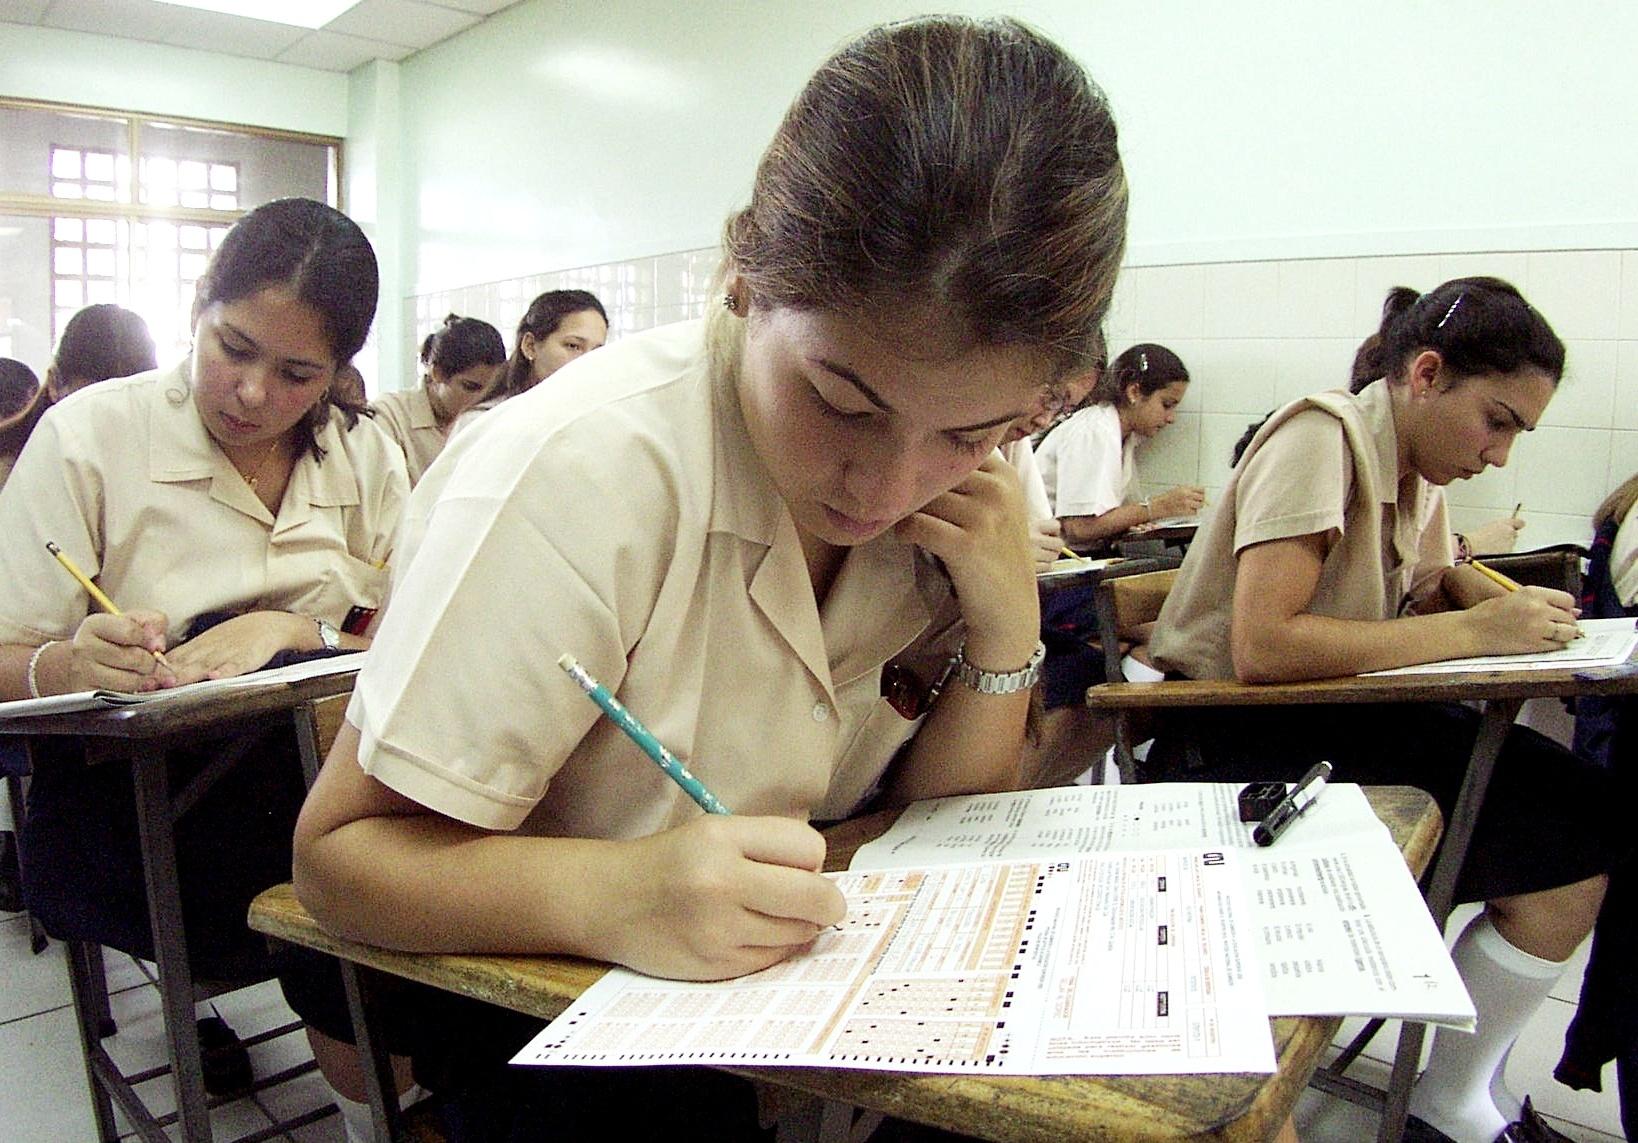 ttps://www.infobae.com/america/mexico/2020/07/31/resultados-de-secundaria-este-viernes-31-de-julio-ya-se-puede-consultar-en-que-secundaria-fueron-asignados-los-alumnos/